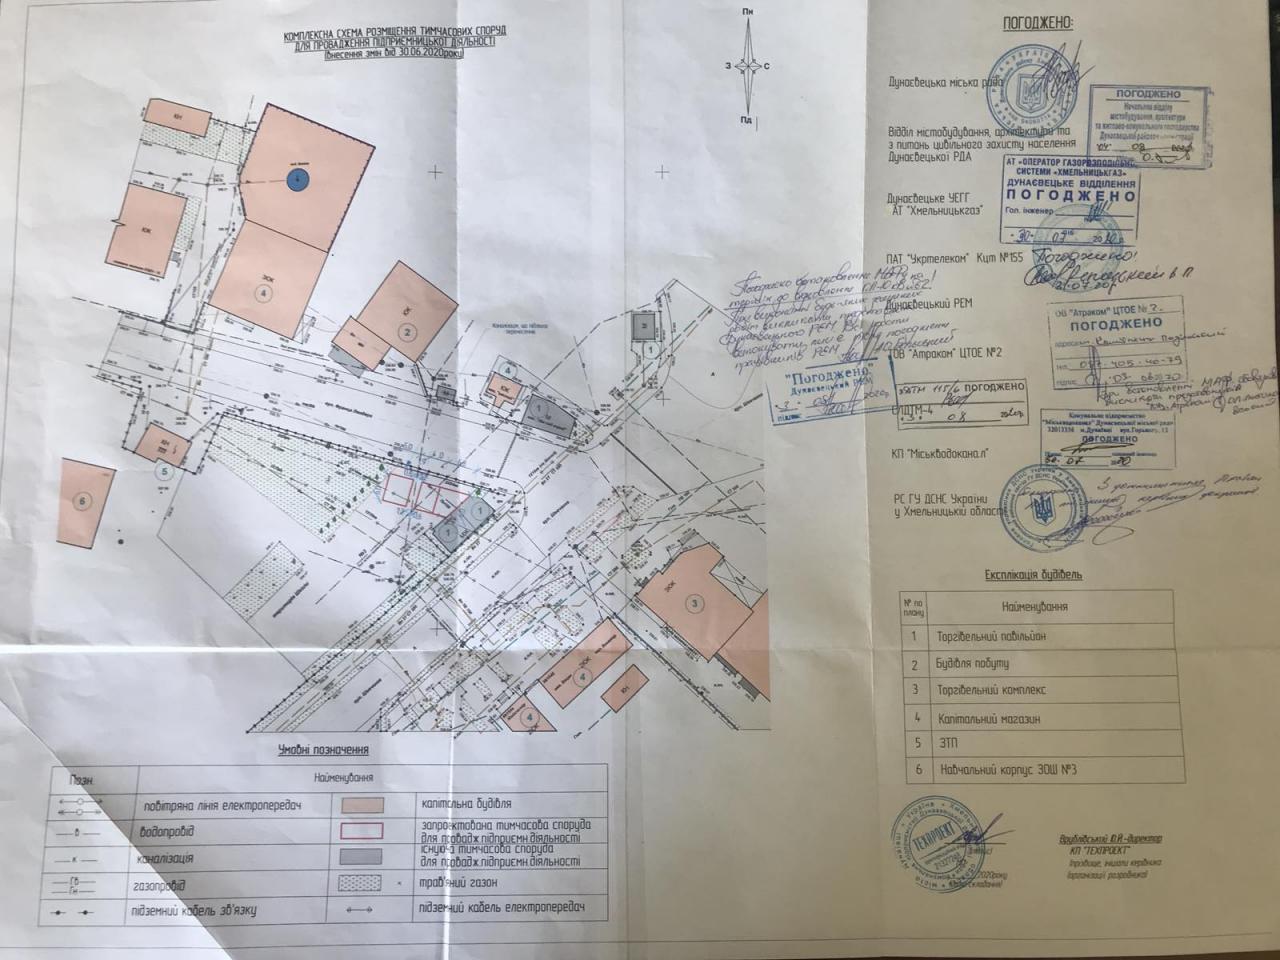 http://dunrada.gov.ua/uploadfile/archive_article/2020/08/04/2020-08-04_7393/images/images-86589.jpg